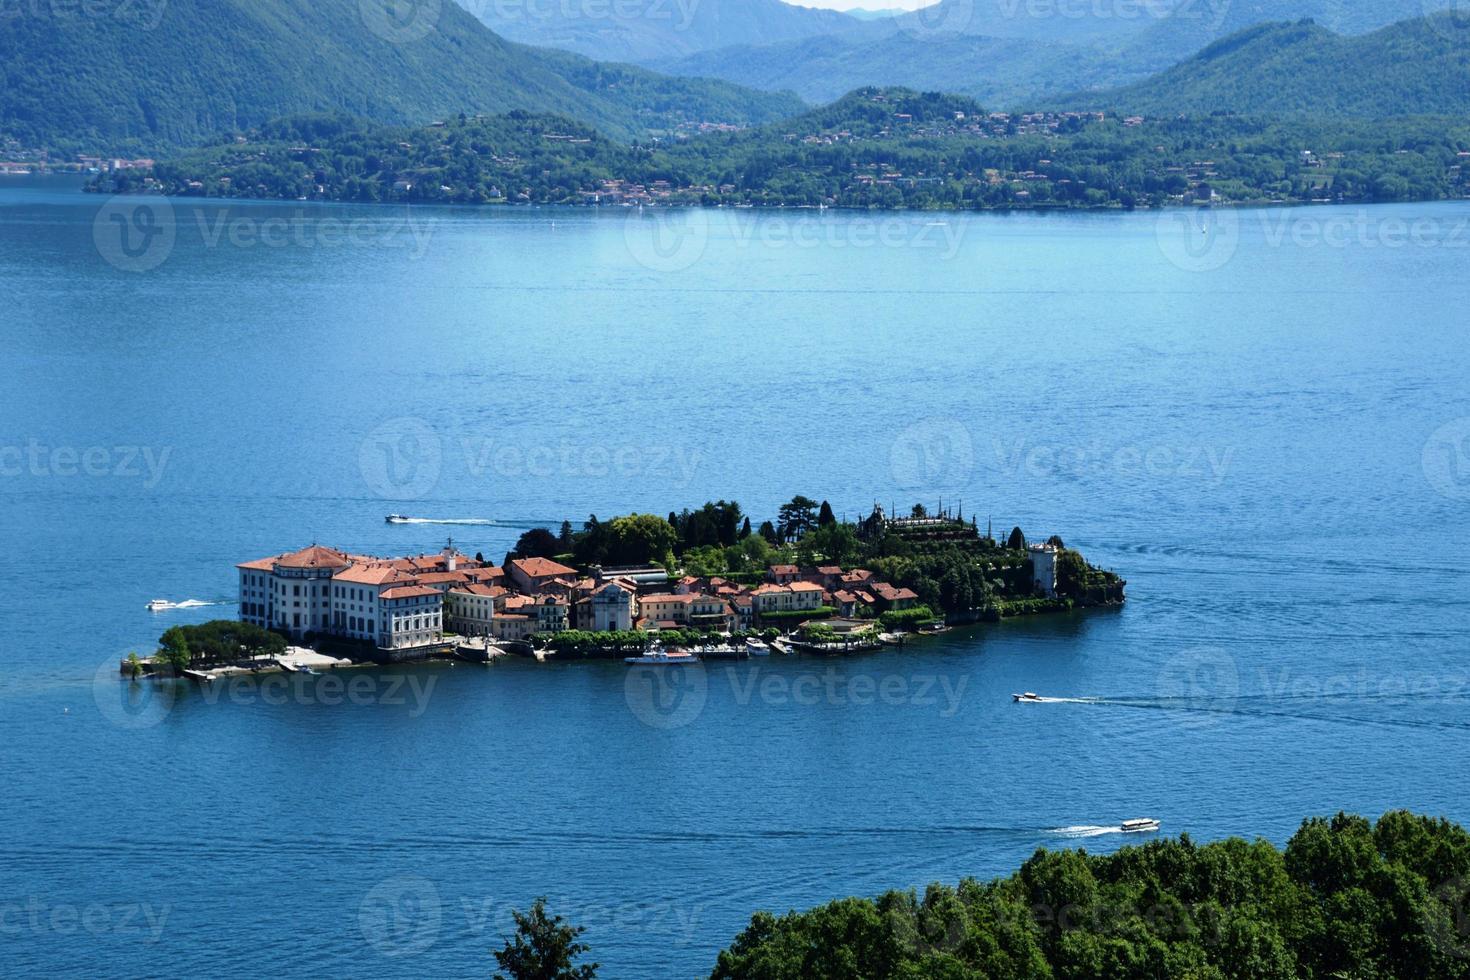 Isola Bella Lago Maggiore in Italy photo